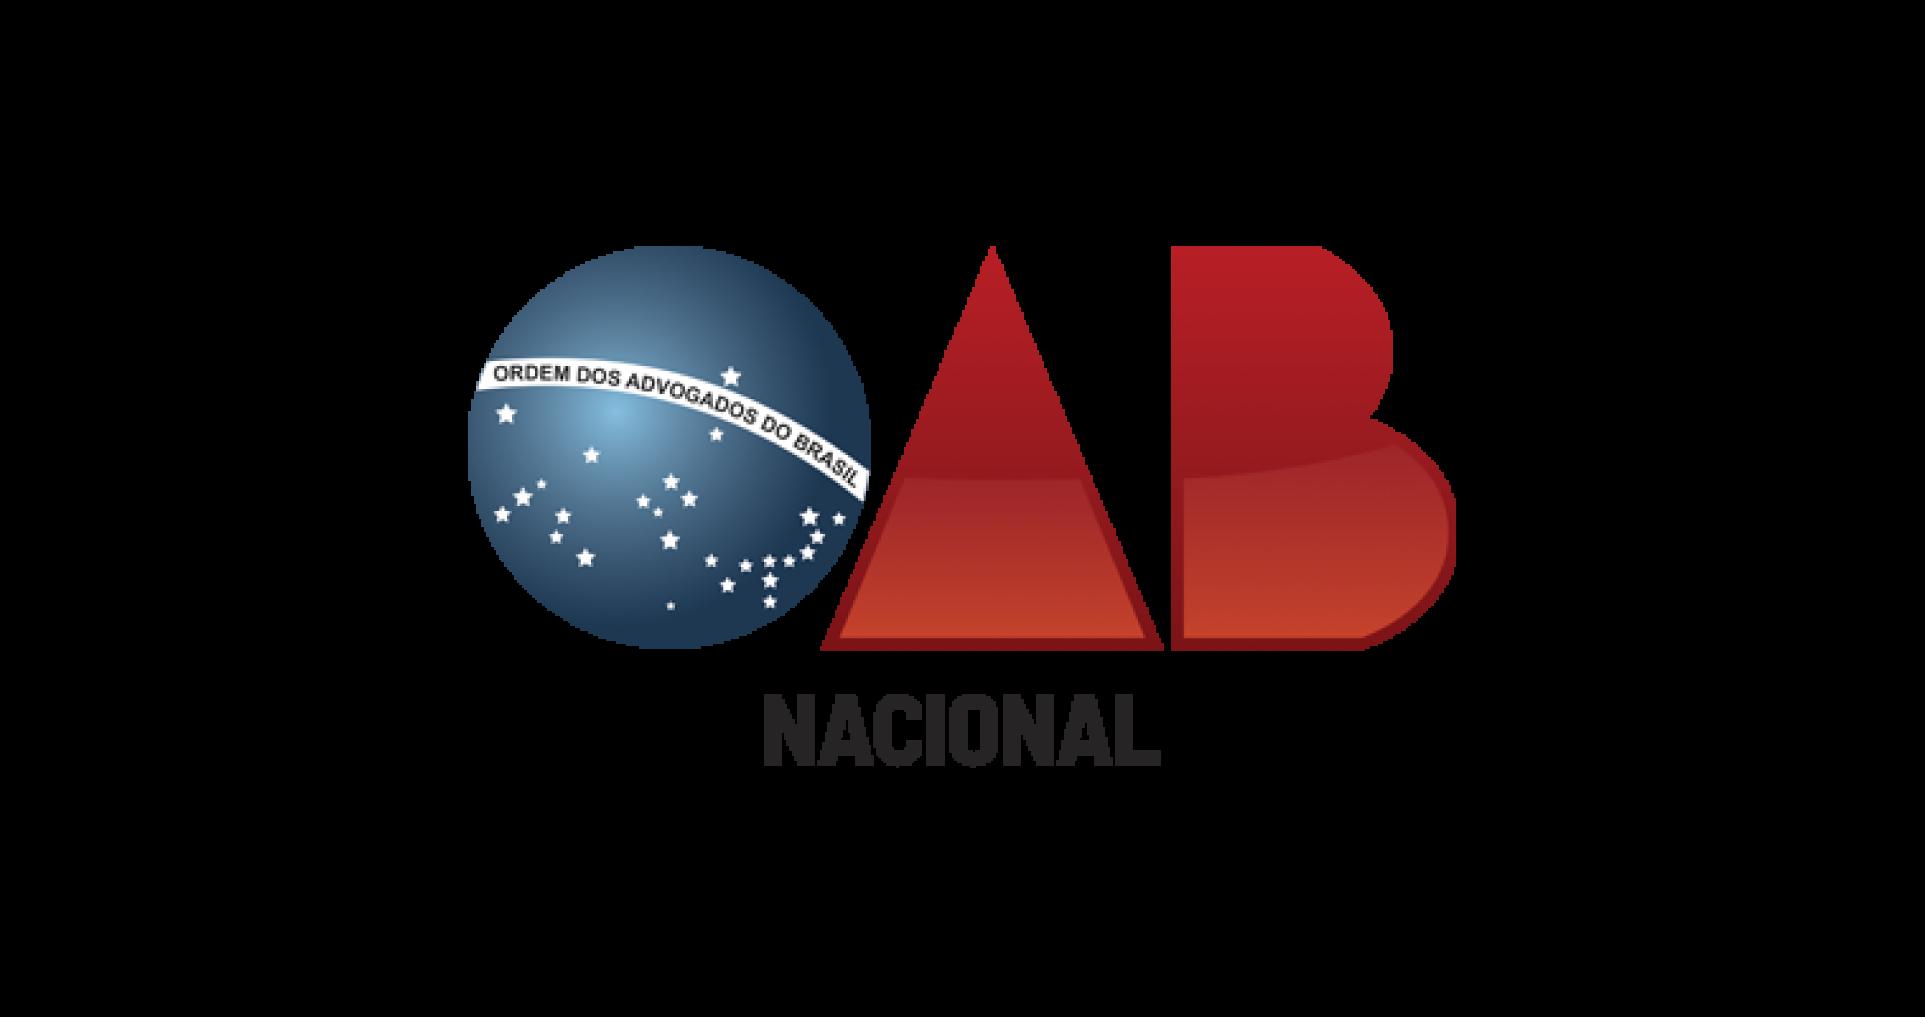 CFOAB – CONSELHO FEDERAL DA ORDEM DOS ADVOGADOS DO BRASIL